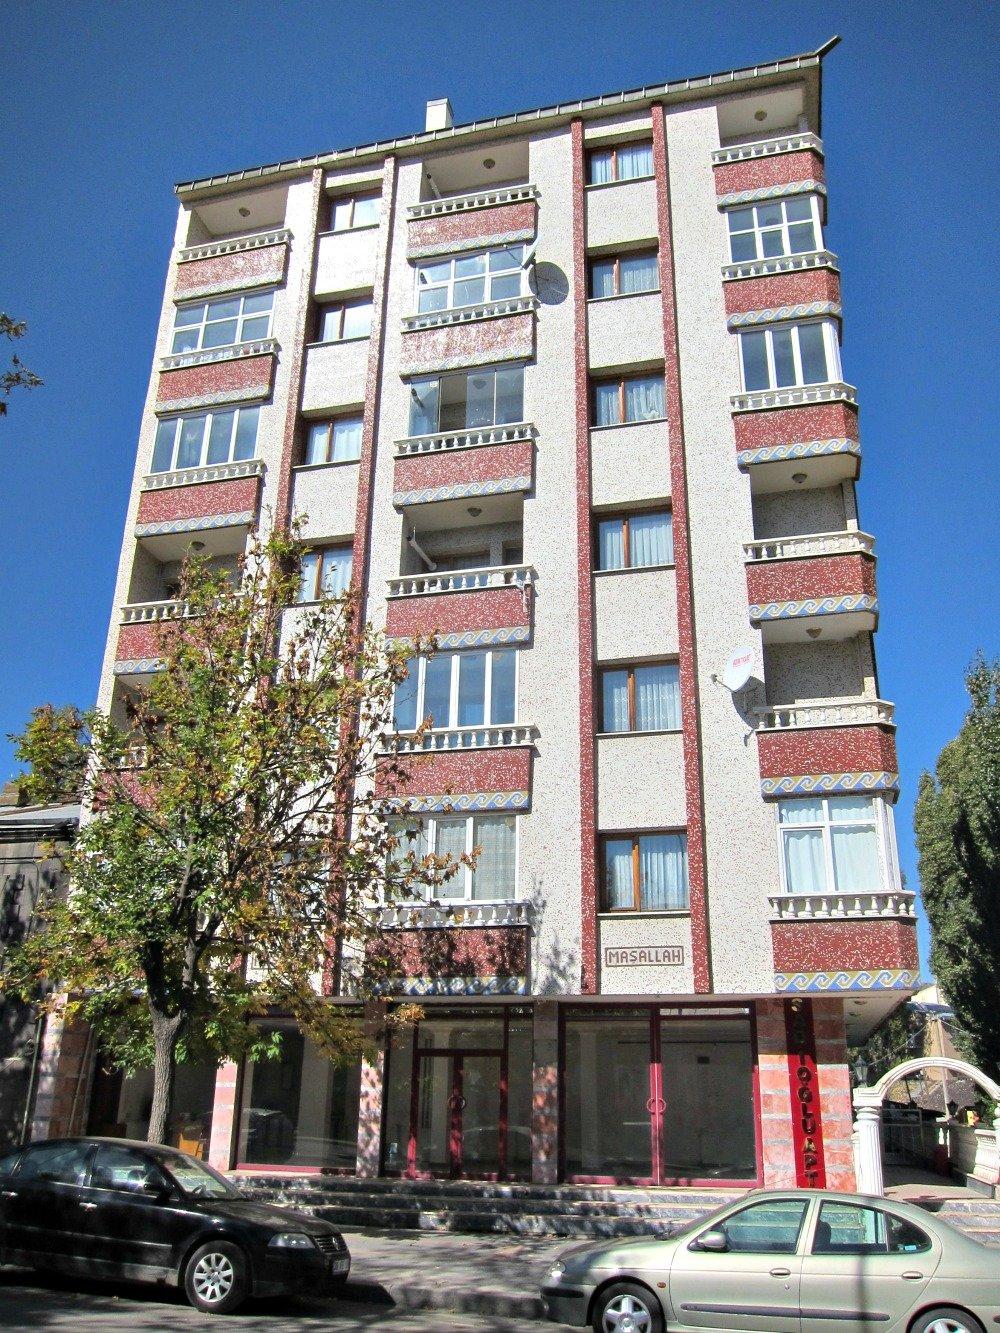 Kars Building Styles